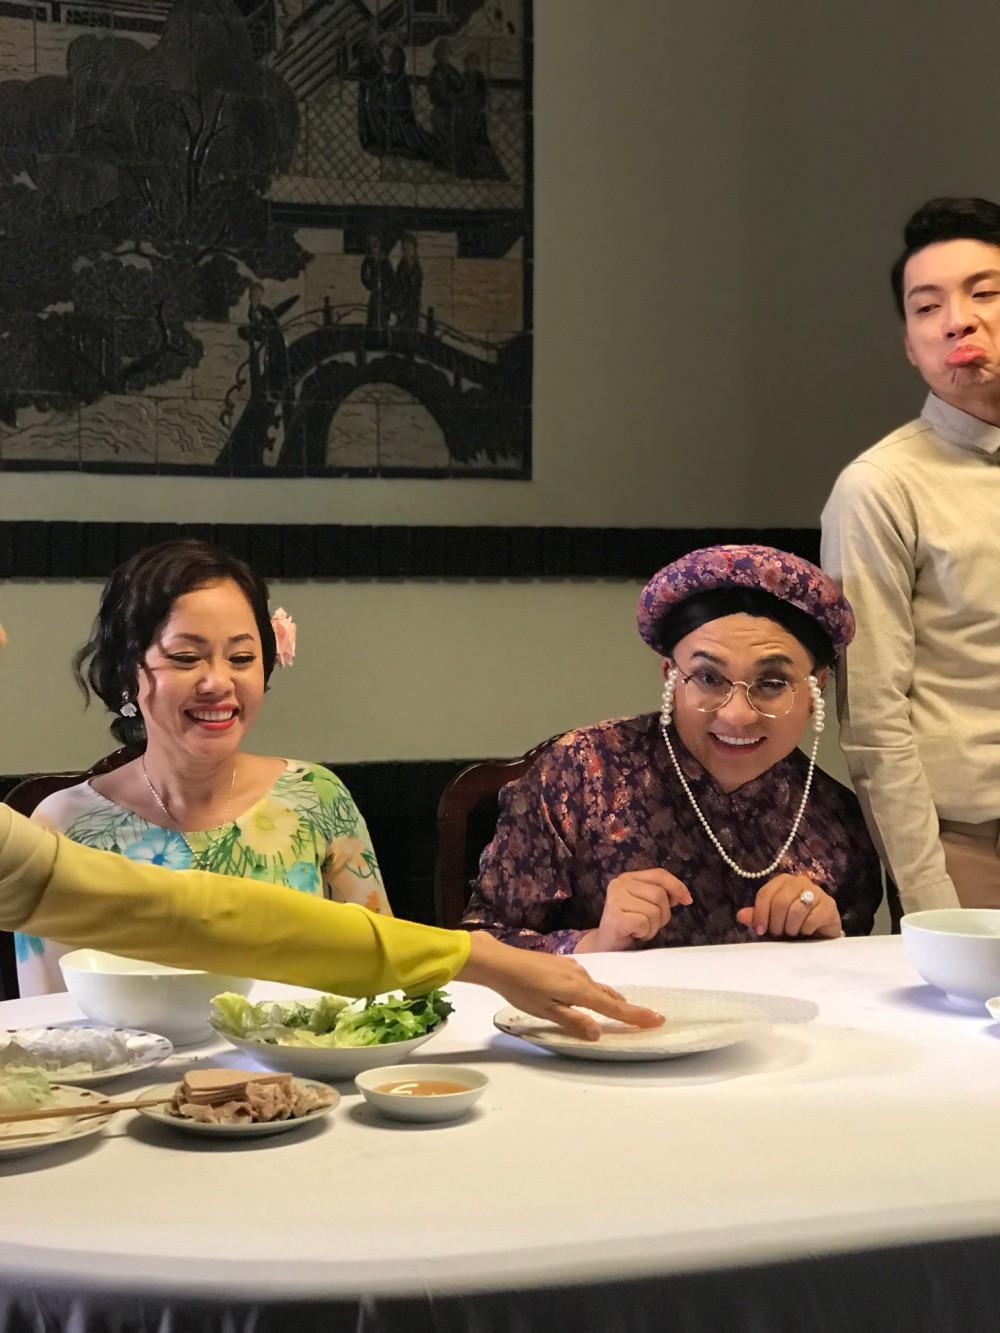 Đại Nghĩa hé lộ tạo hình vui nhộn trong dự án kết hợp cùng quán quân Cười xuyên Việt 2017 - Ảnh 6.